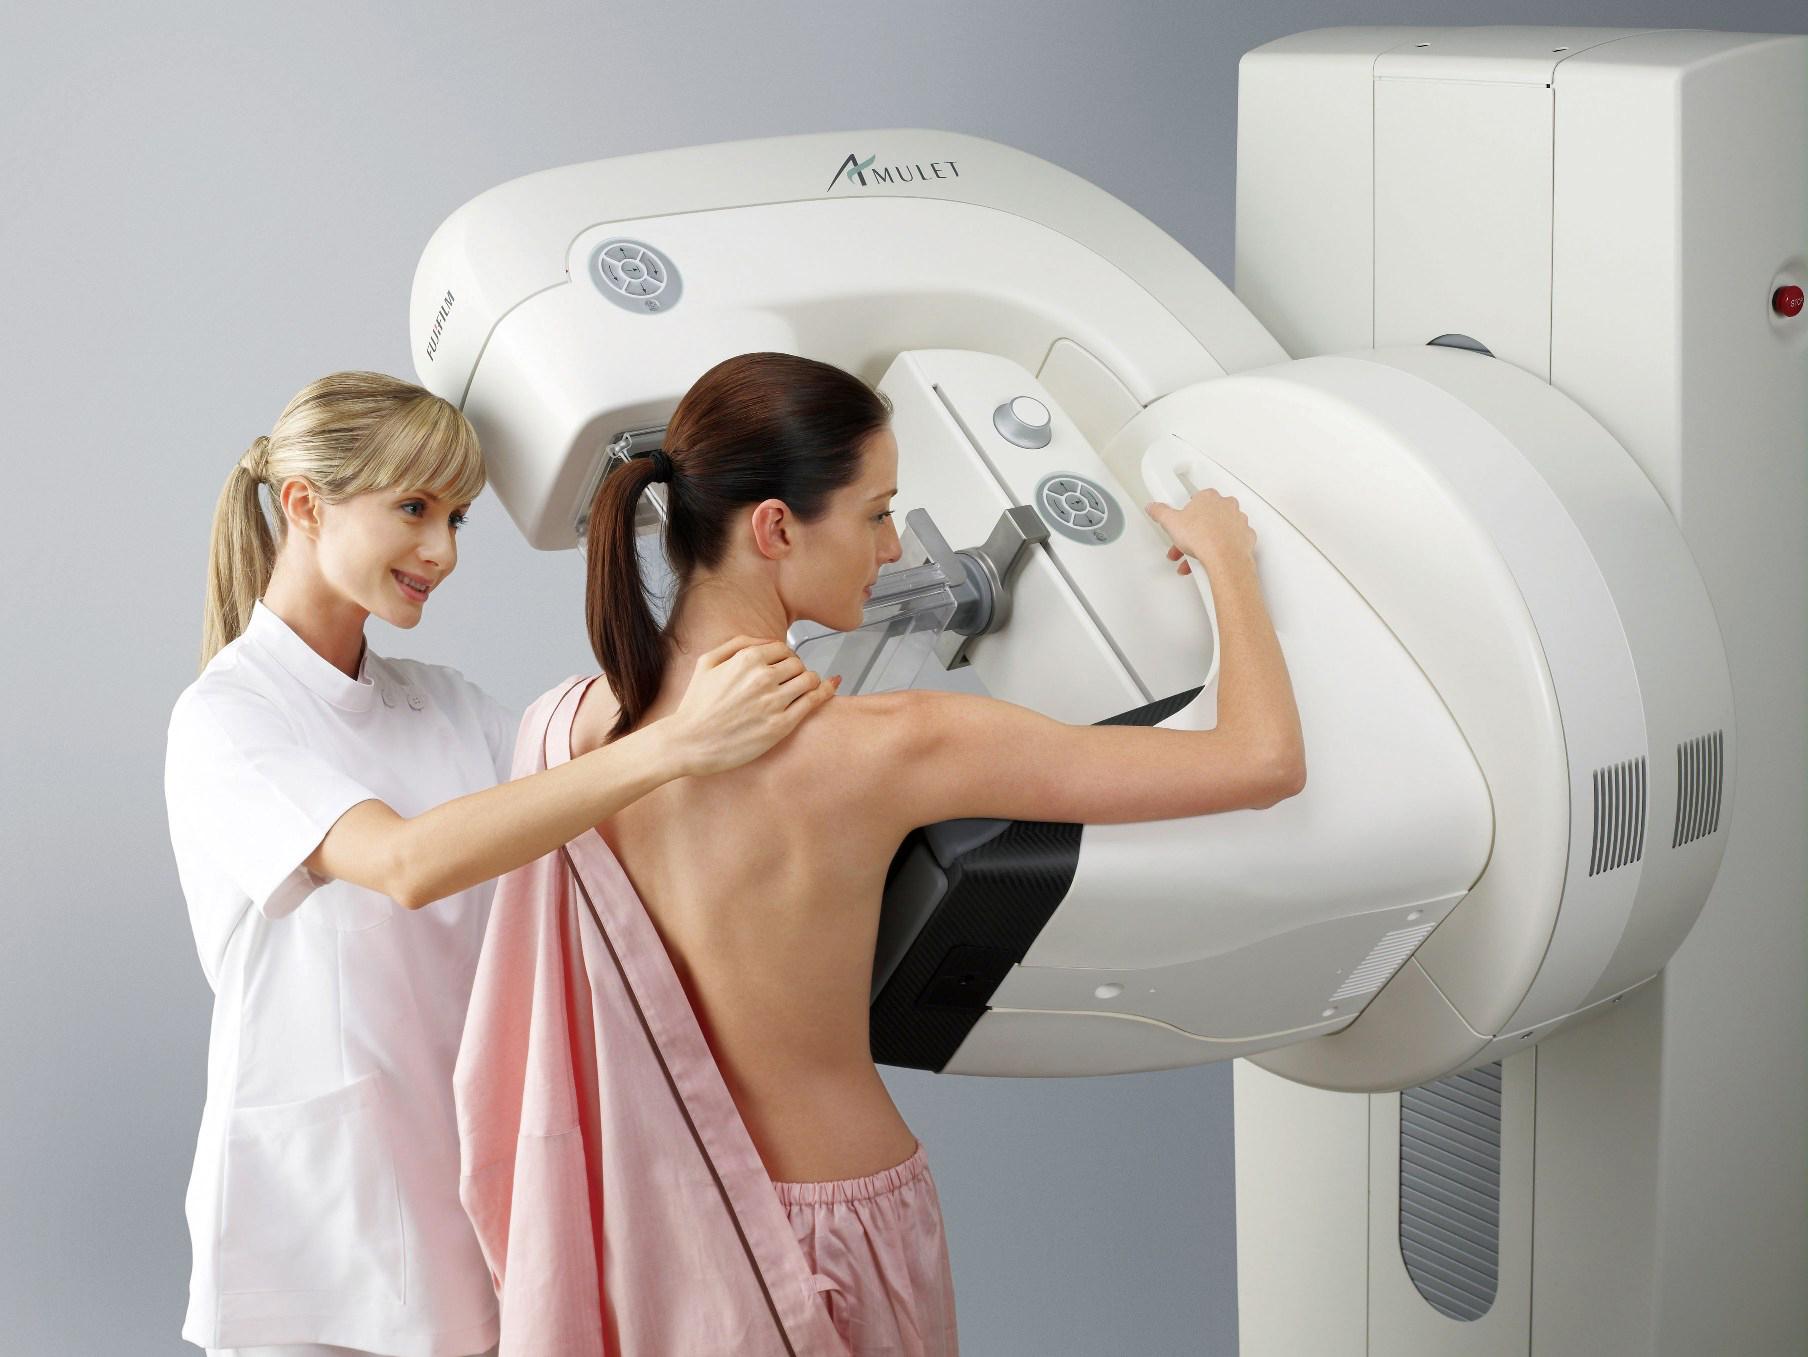 Diminuindo o desconforto nas mamografias